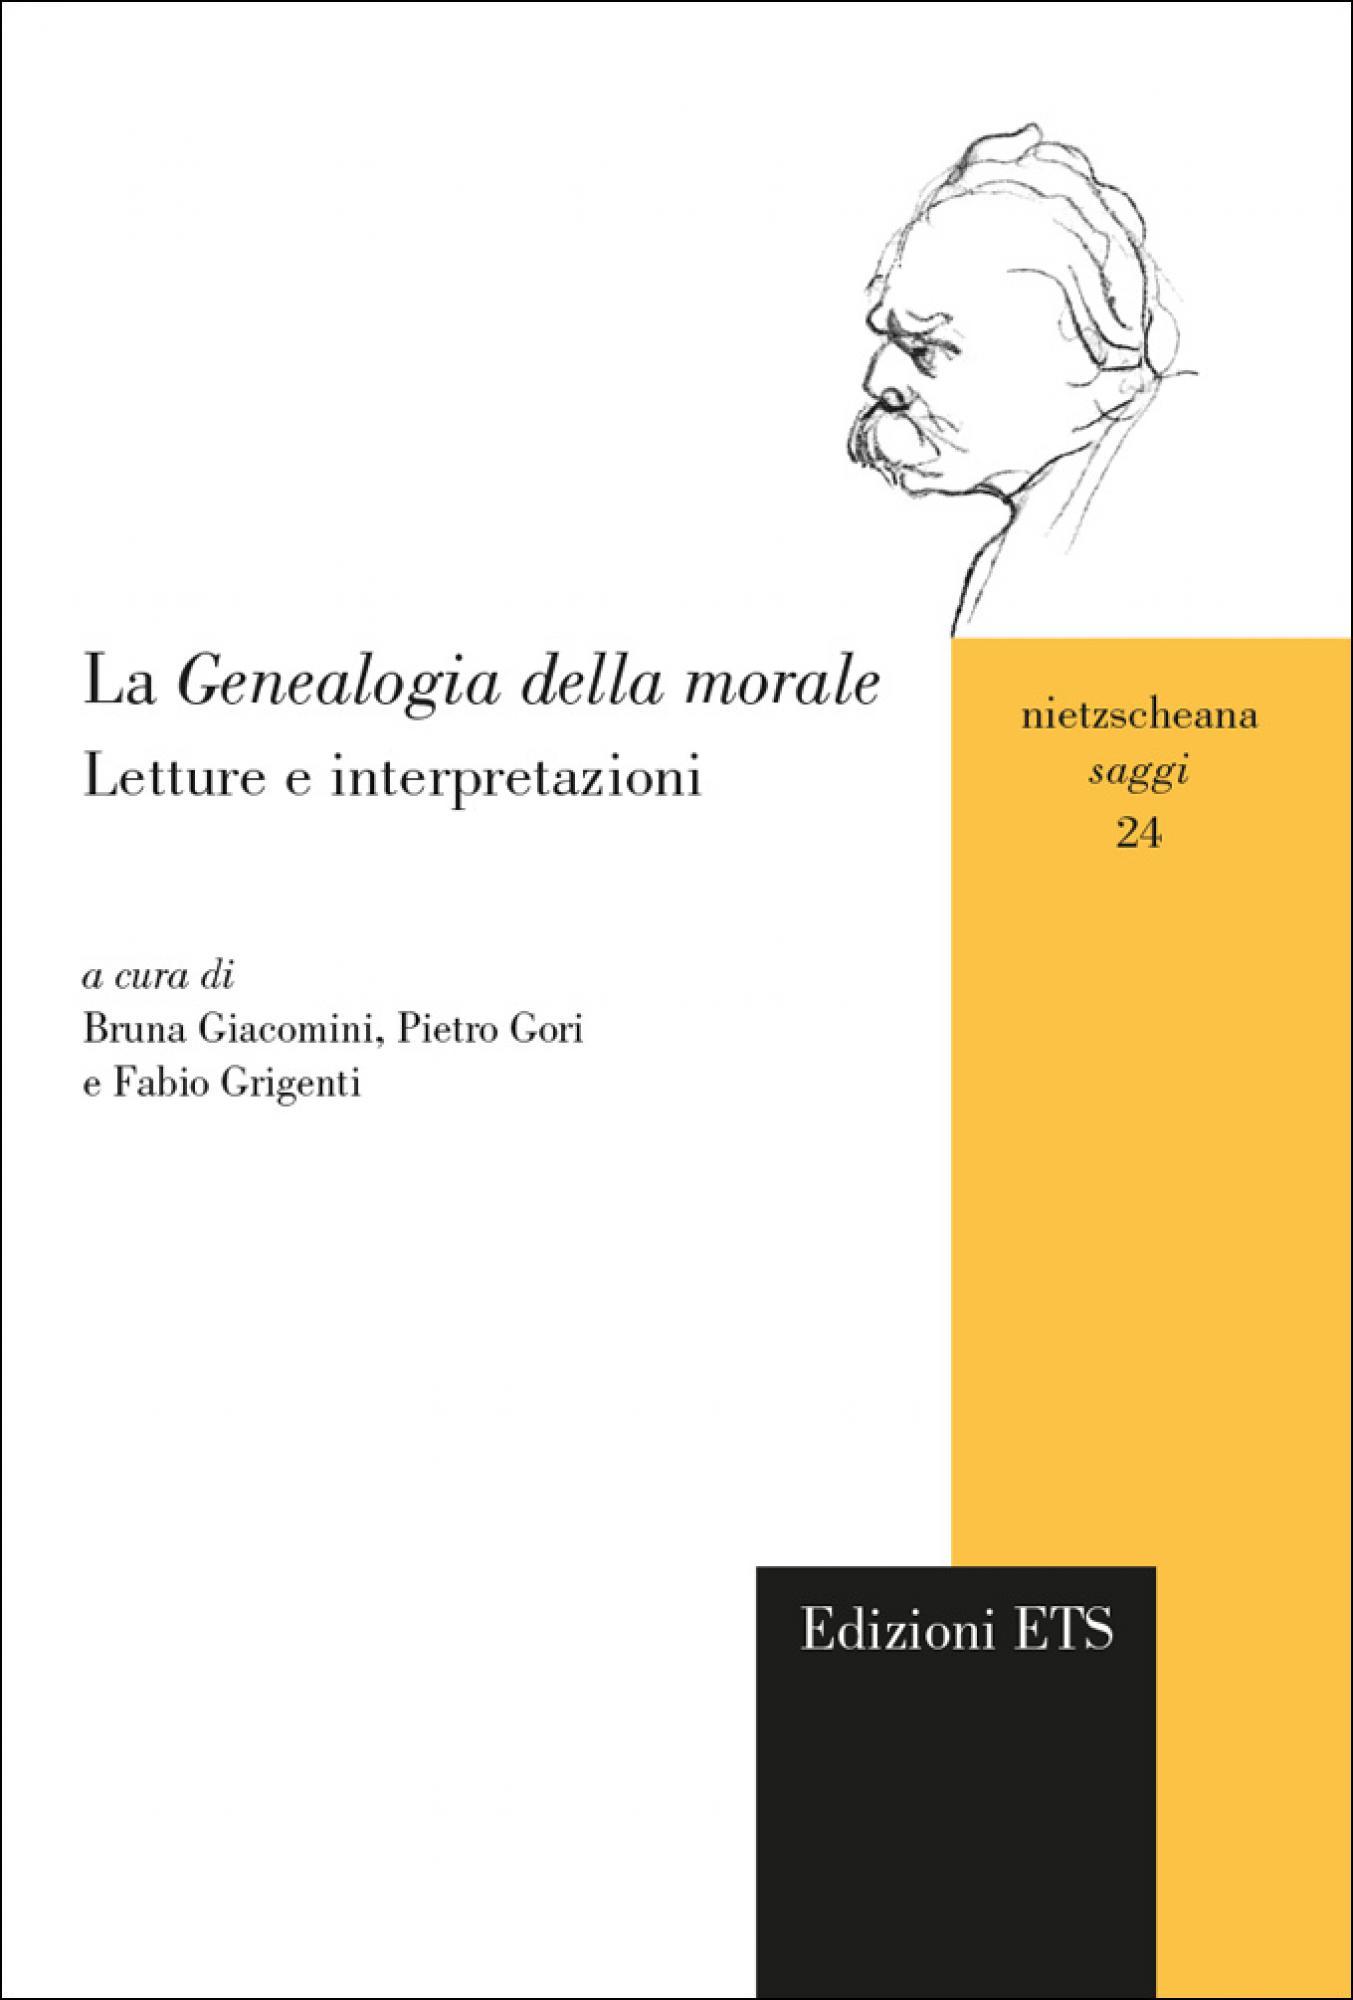 La <em>Genealogia della morale</em>.Letture e interpretazioni